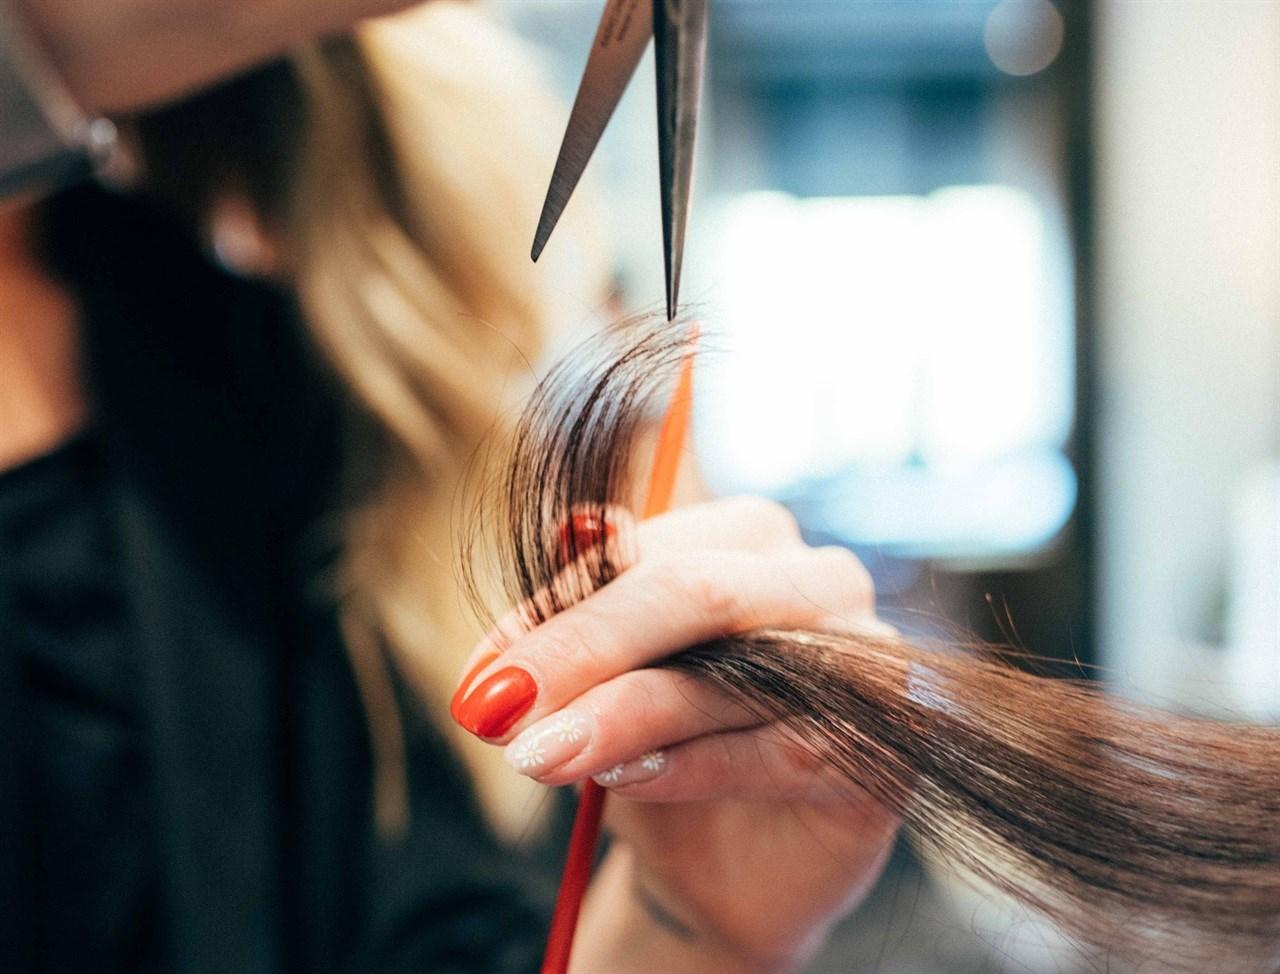 Kort fortalt innebærer Wella Fund at frisørsalonger over hele Norge, også de som ikke er Wella kunder, kan få mulighet til å vinne ett års forbruk av Wella produkter til en verdi opp til en halv million kroner, avhengig av salongens størrelse.